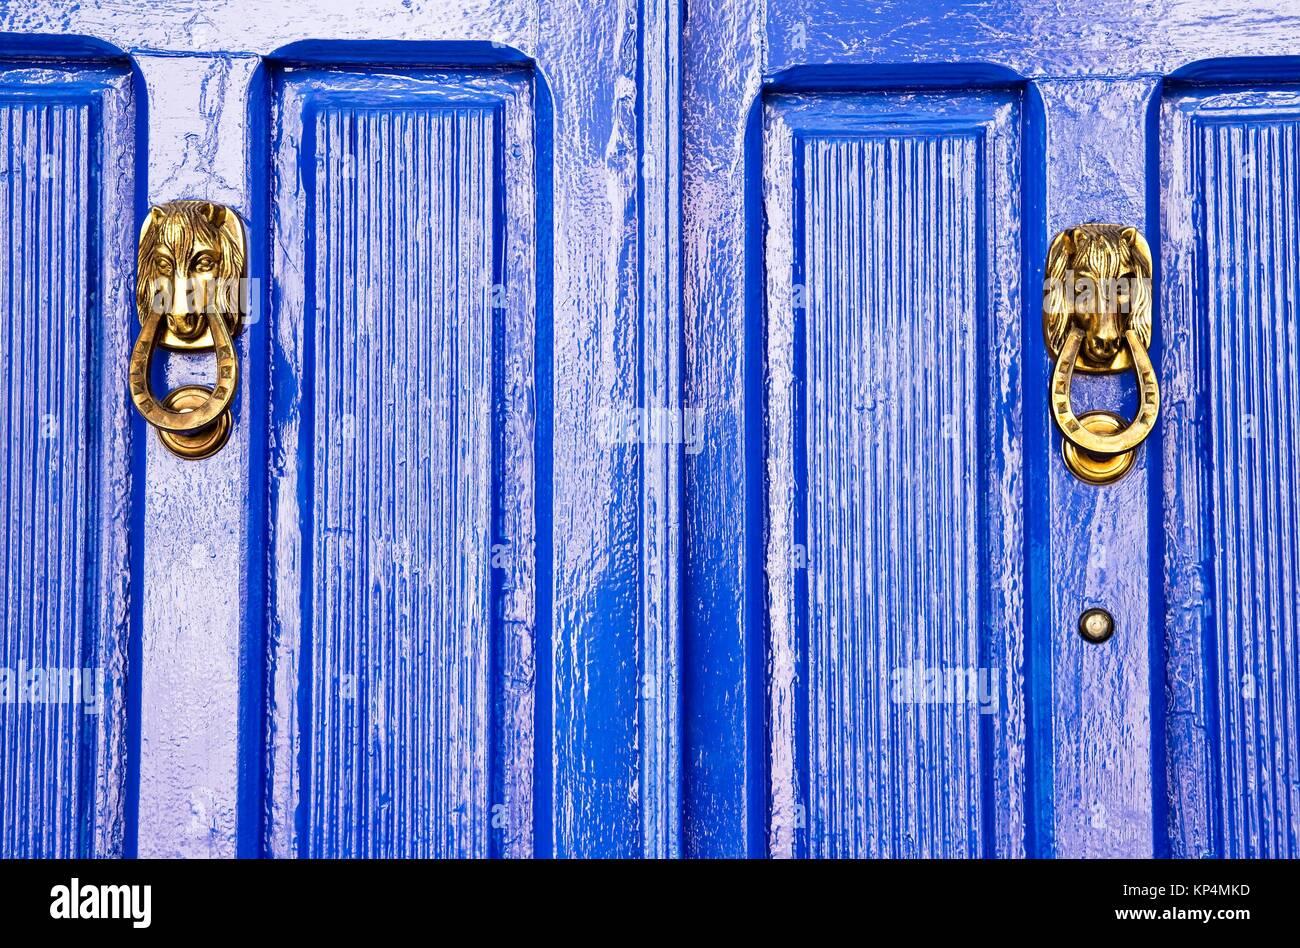 Detalle de una puerta en una casa de Almagro - Ciudad Real - Castilla La Mancha - España - Europa. Imagen De Stock